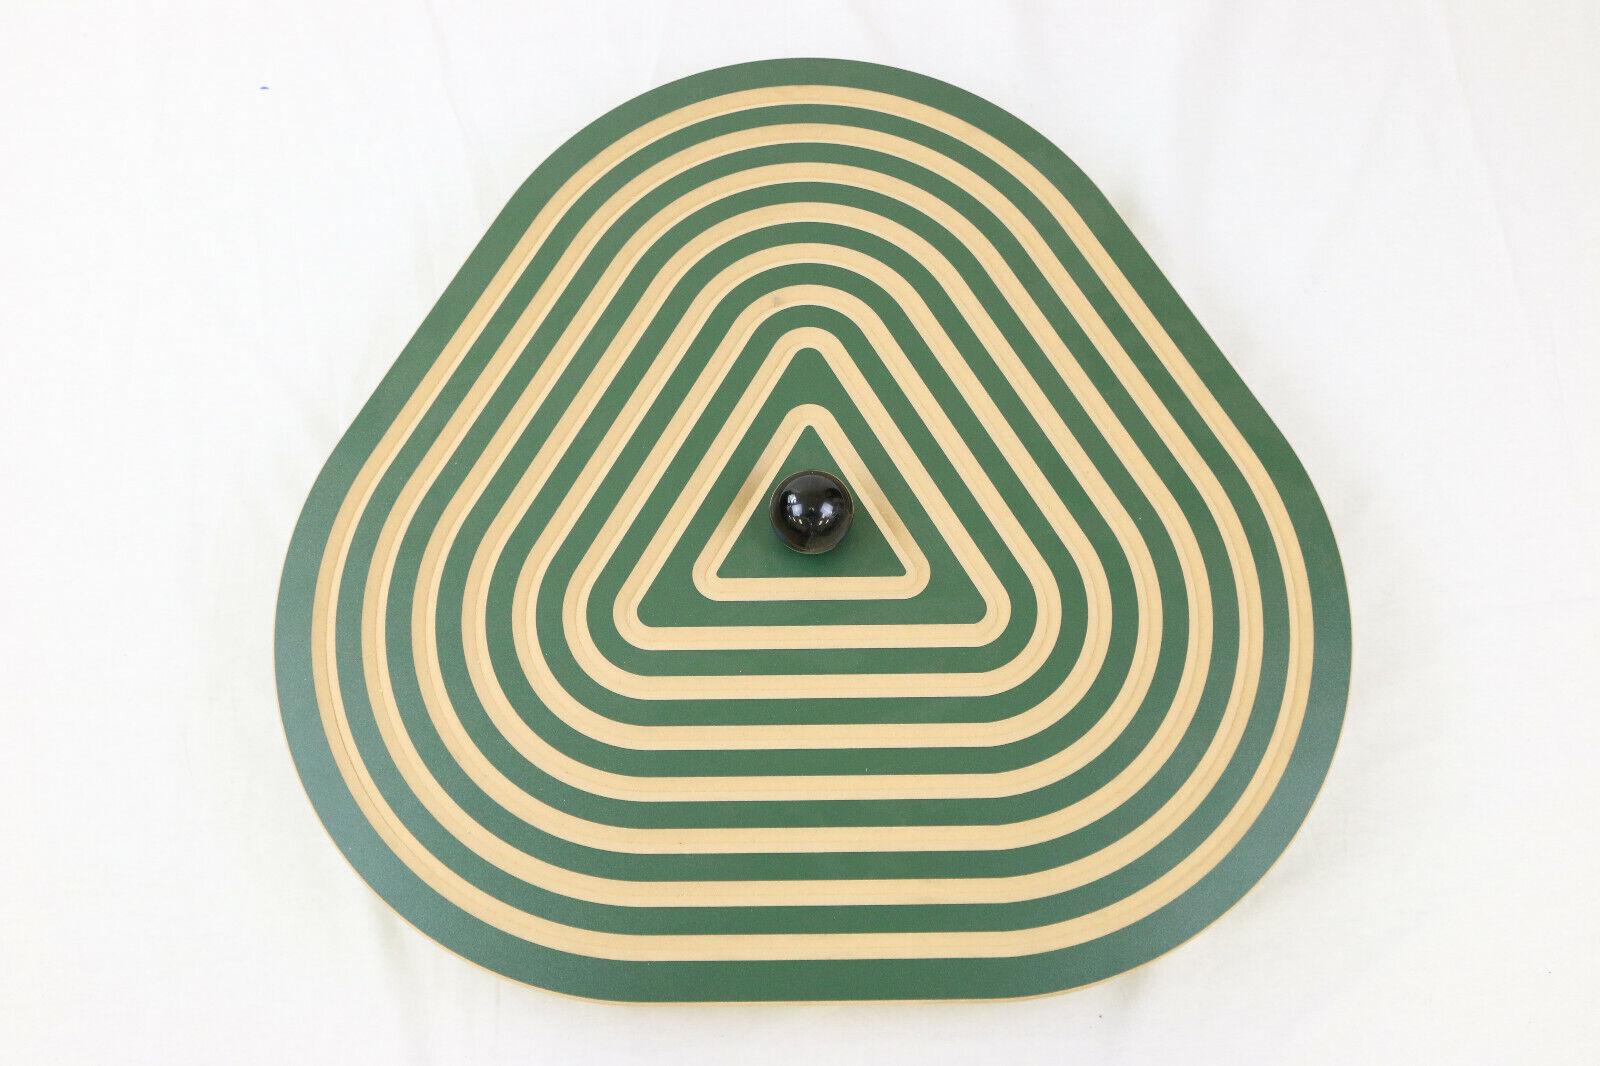 Wandkreisel Triangel Wandhalterung Holz Ausdauer Wahrnehmung Wandspiel Therapie